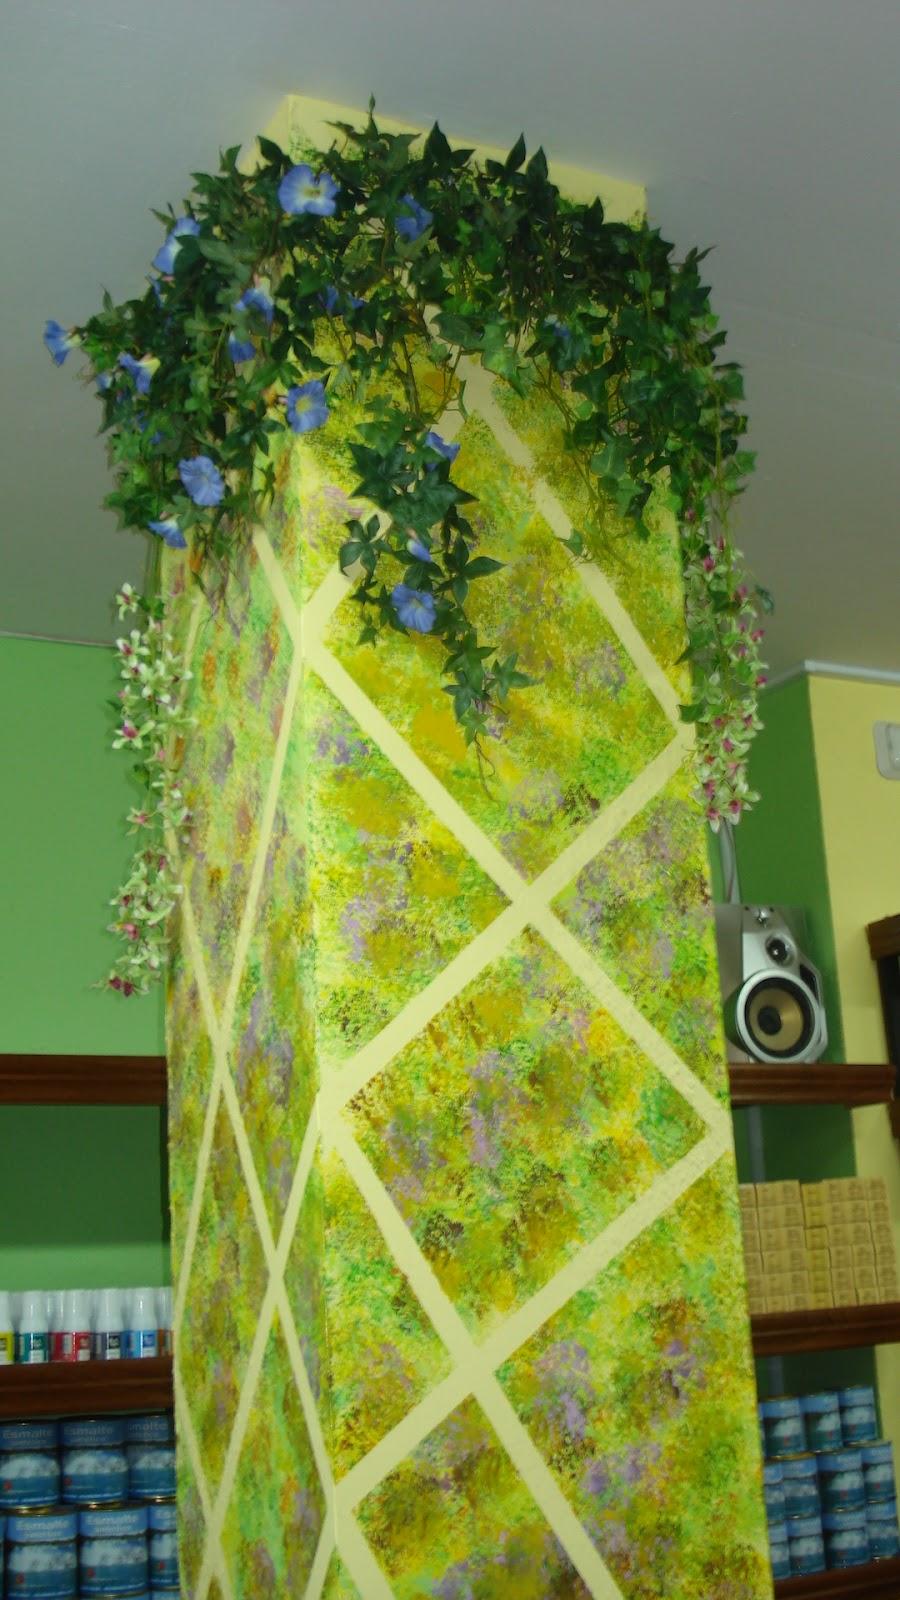 Arteva pintura decorativa en paredes trampaantojos - Pintura decorativa paredes ...